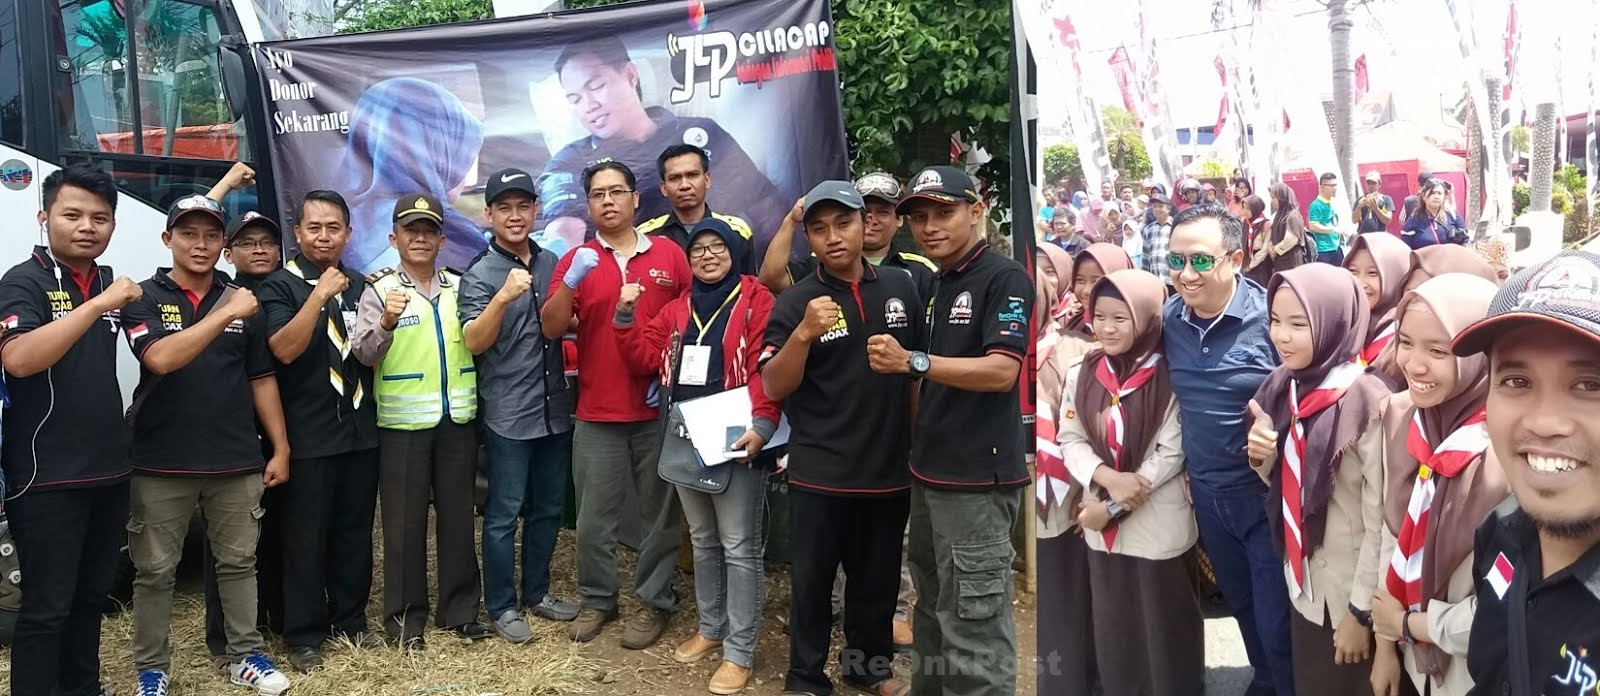 Festival Kemerdekaan Alun Kroya Resmi Buka Oleh Bupati Cilacap Kab